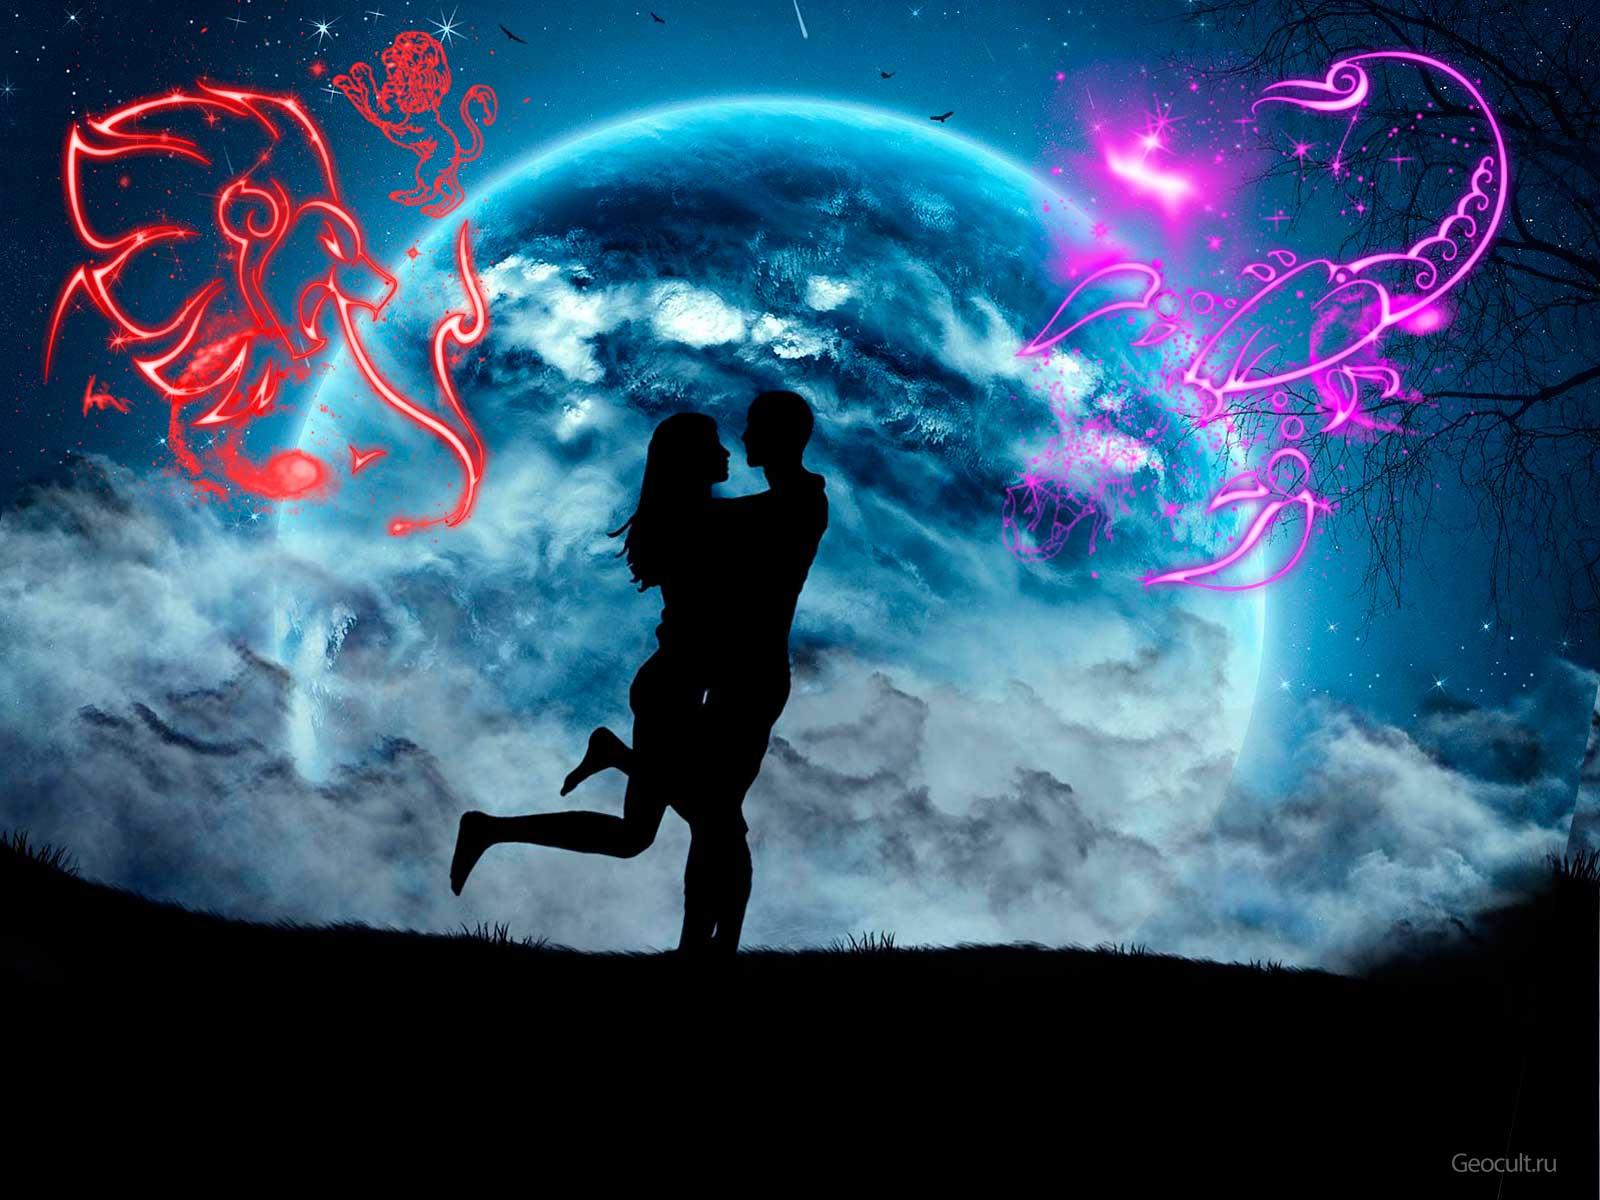 Совместимость Весы мужчина и Водолей женщина в любви и браке